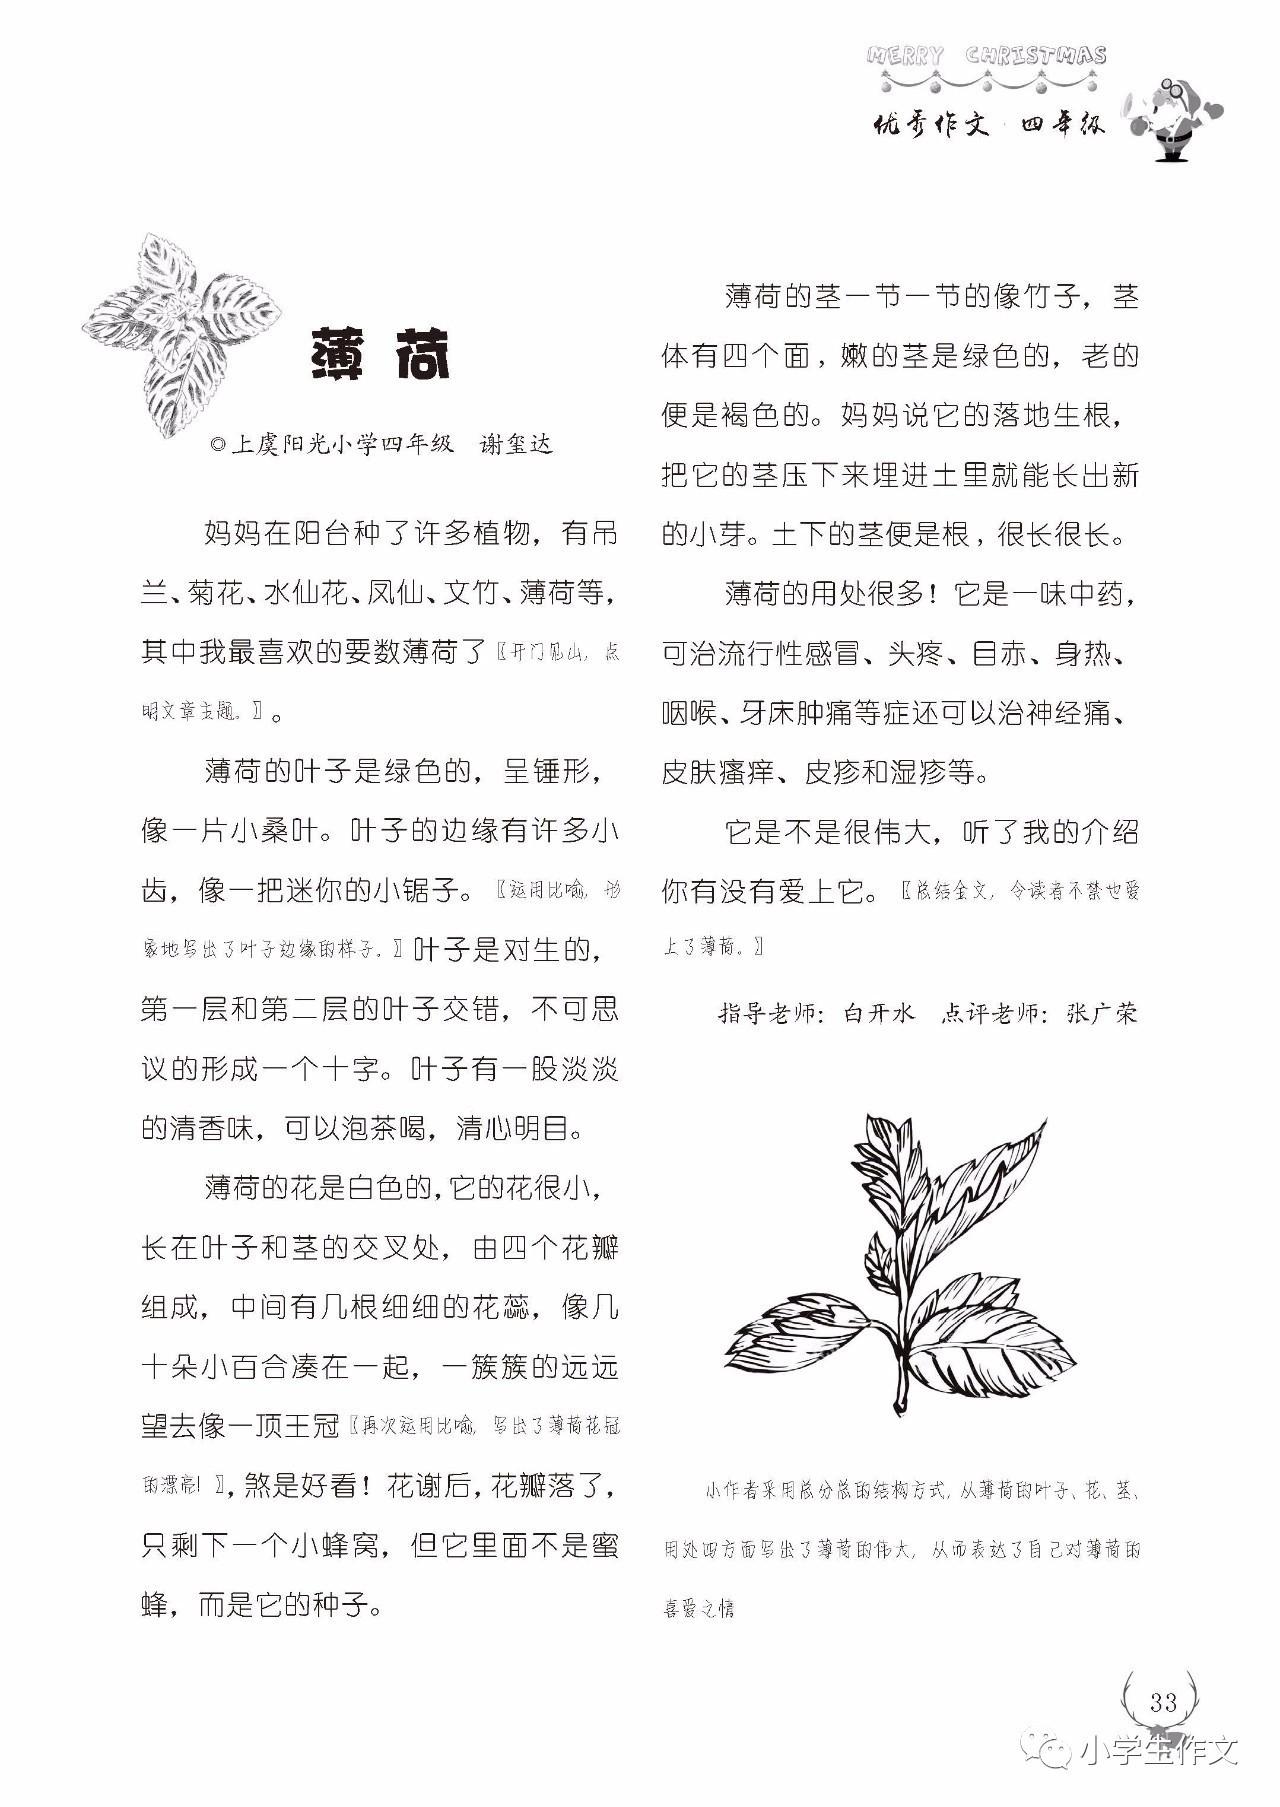 【免费领】新年明珠:杂志礼物作文创刊号+新年小学小学寮步镇图片